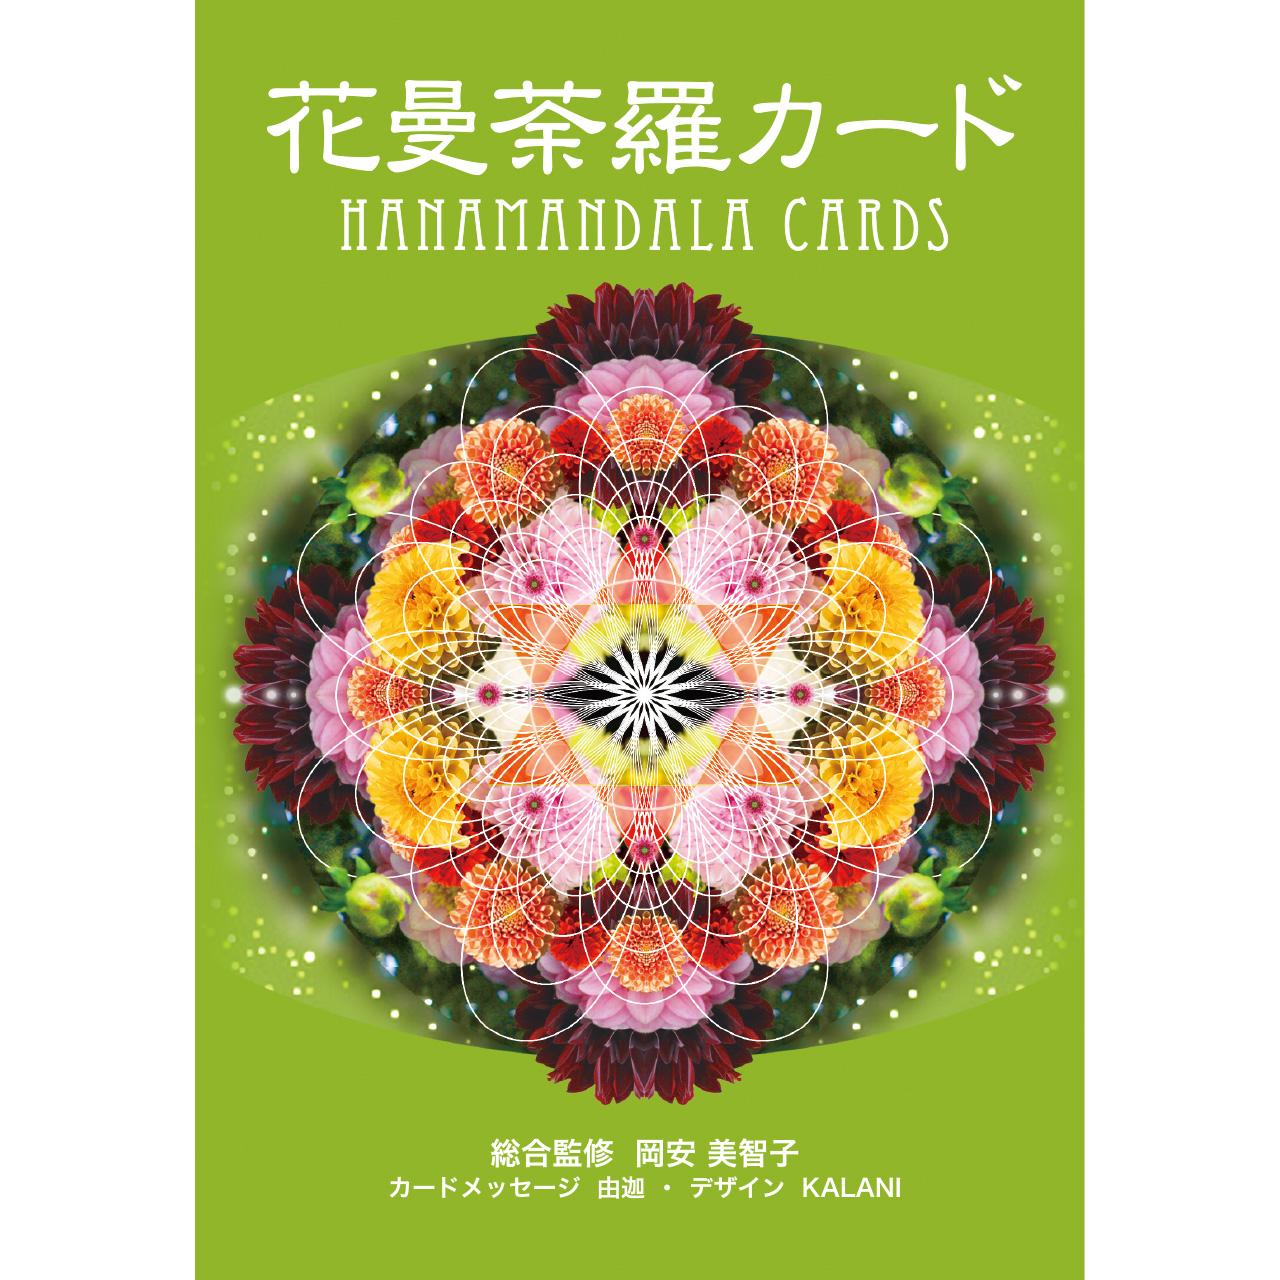 花曼荼羅カード 特製ポーチ付き